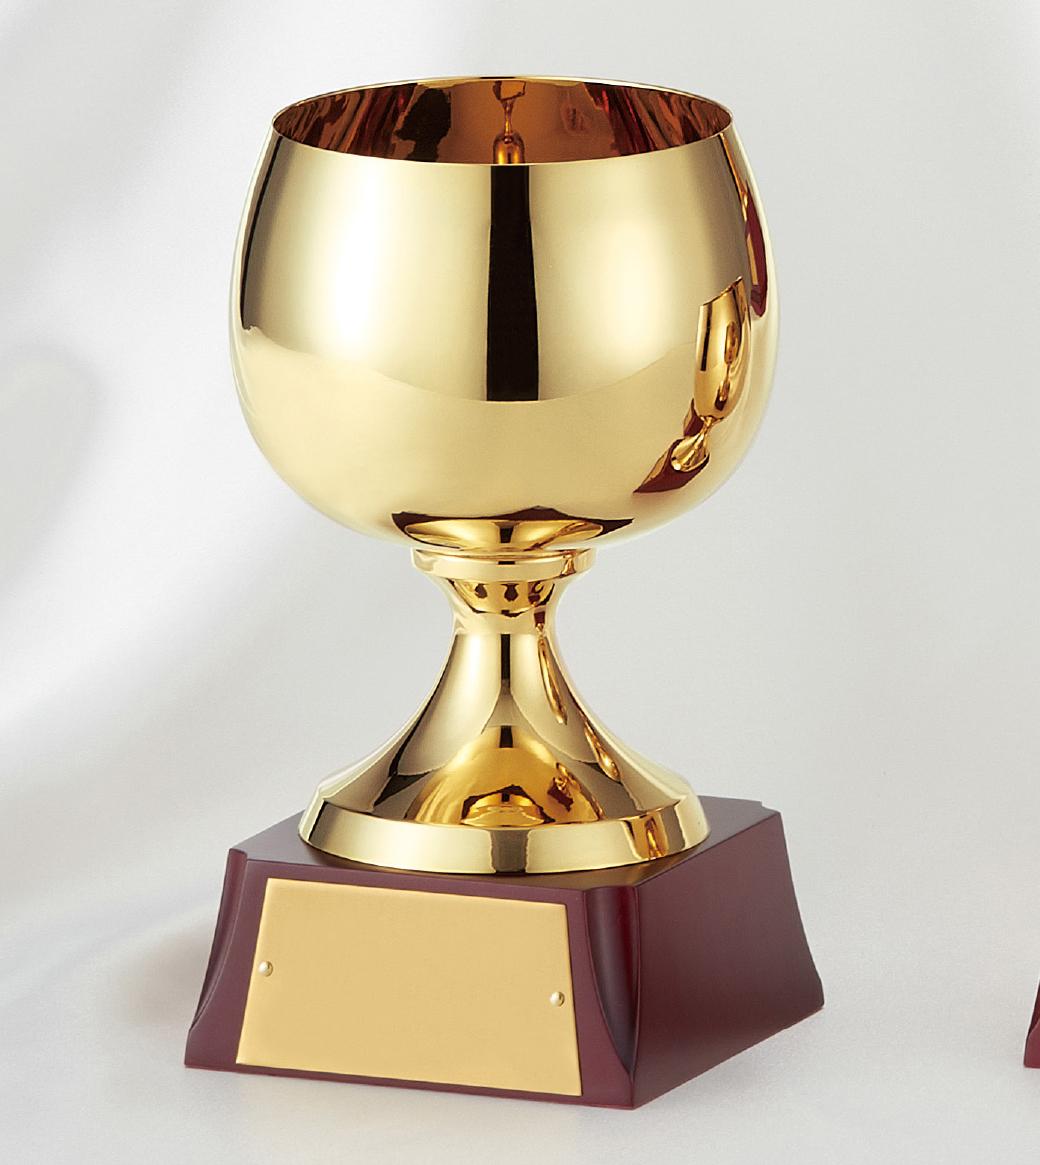 【文字彫刻無料】優勝カップ(C1082C)高さ:17.5cm/リボン無料/真鍮